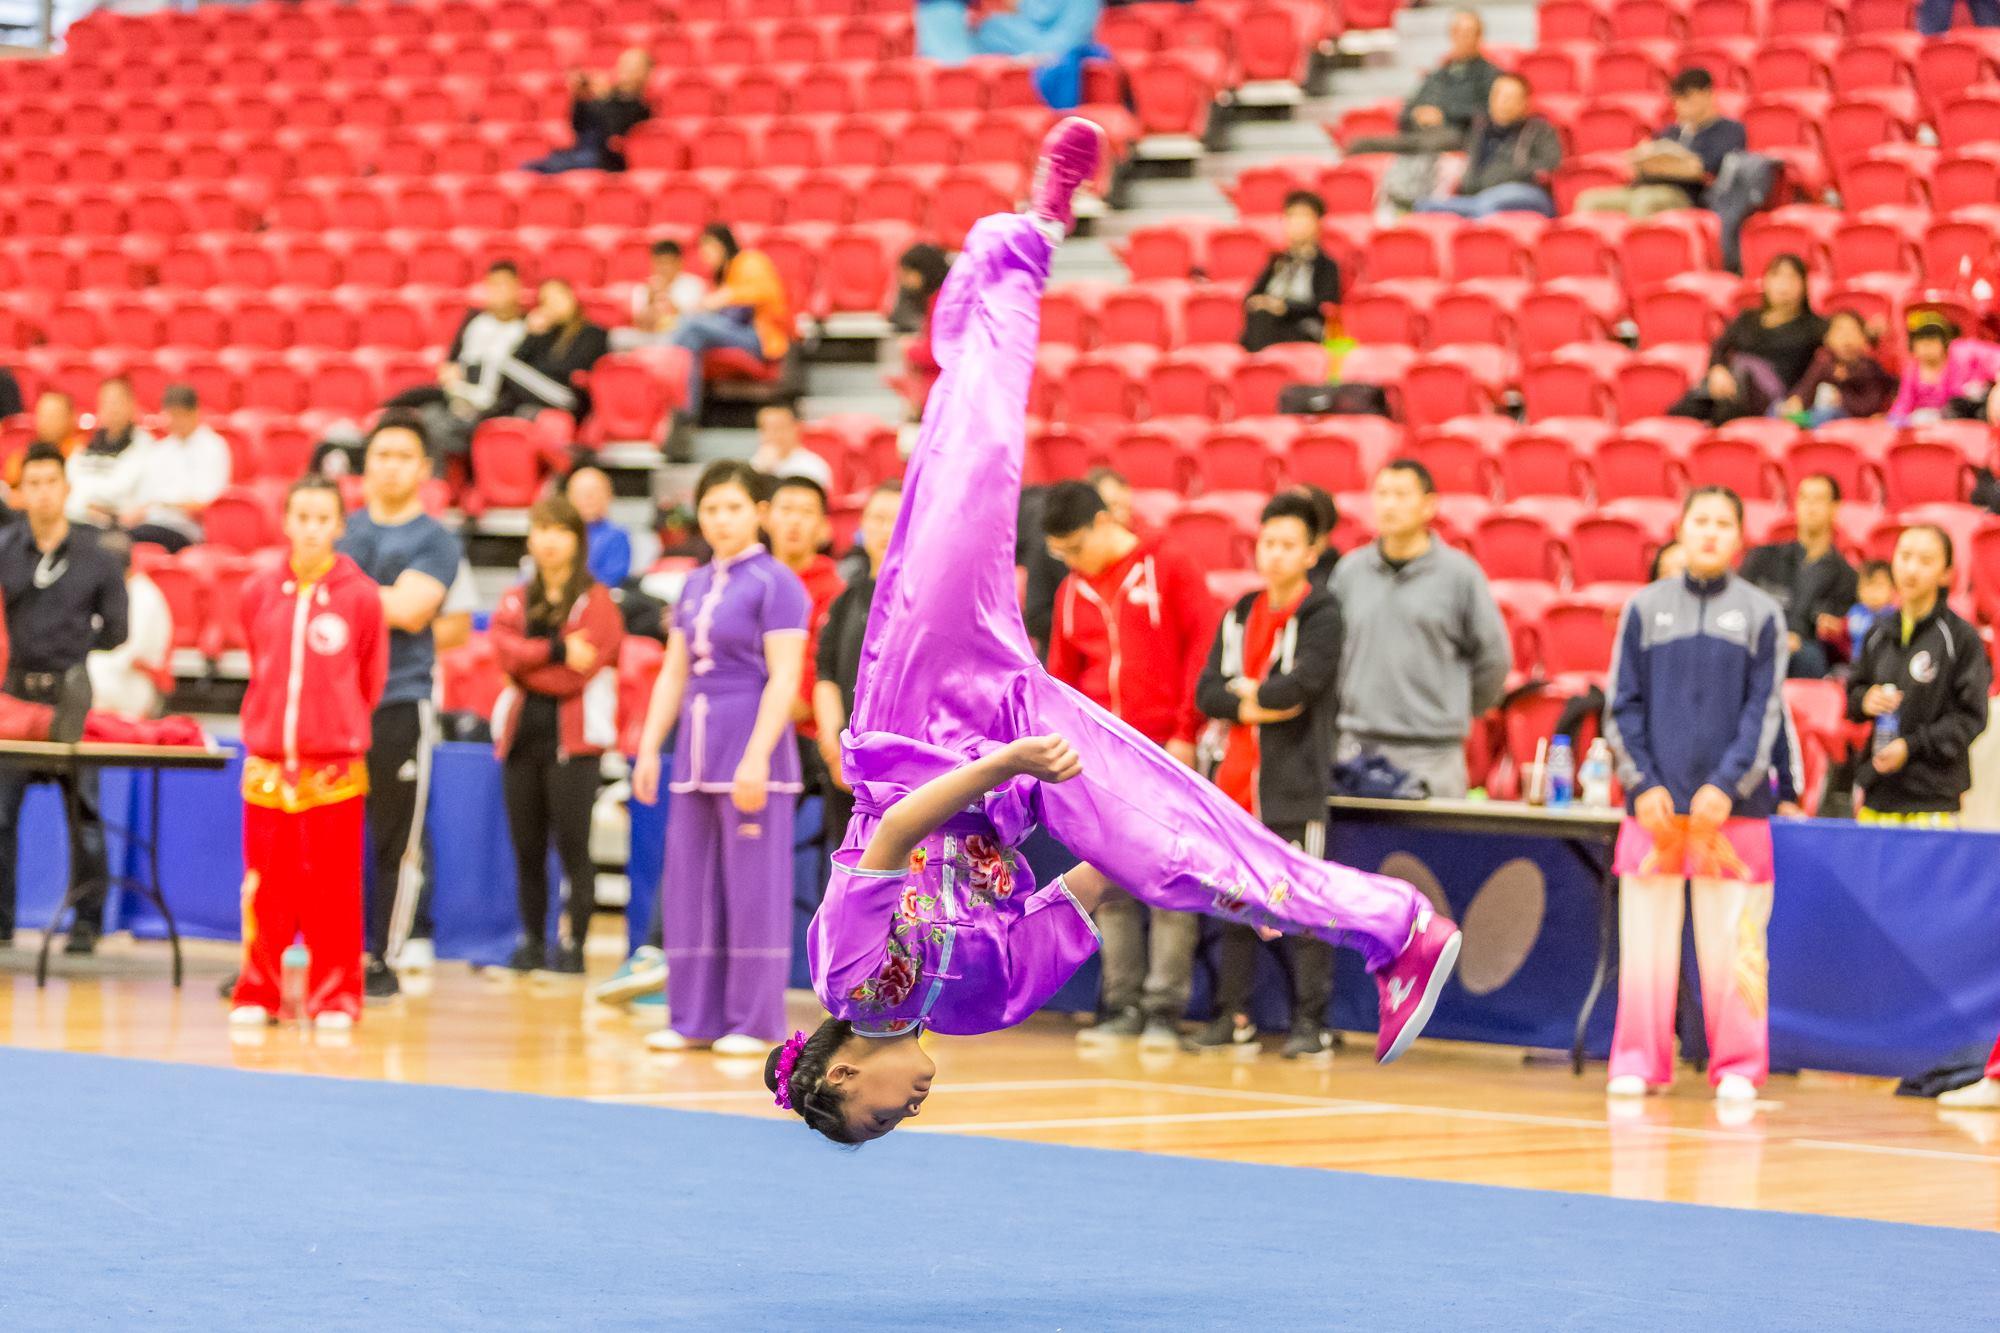 wayland-li-wushu-toronto-markham-canadian-wushu-championships-2017-changquan-20.jpg